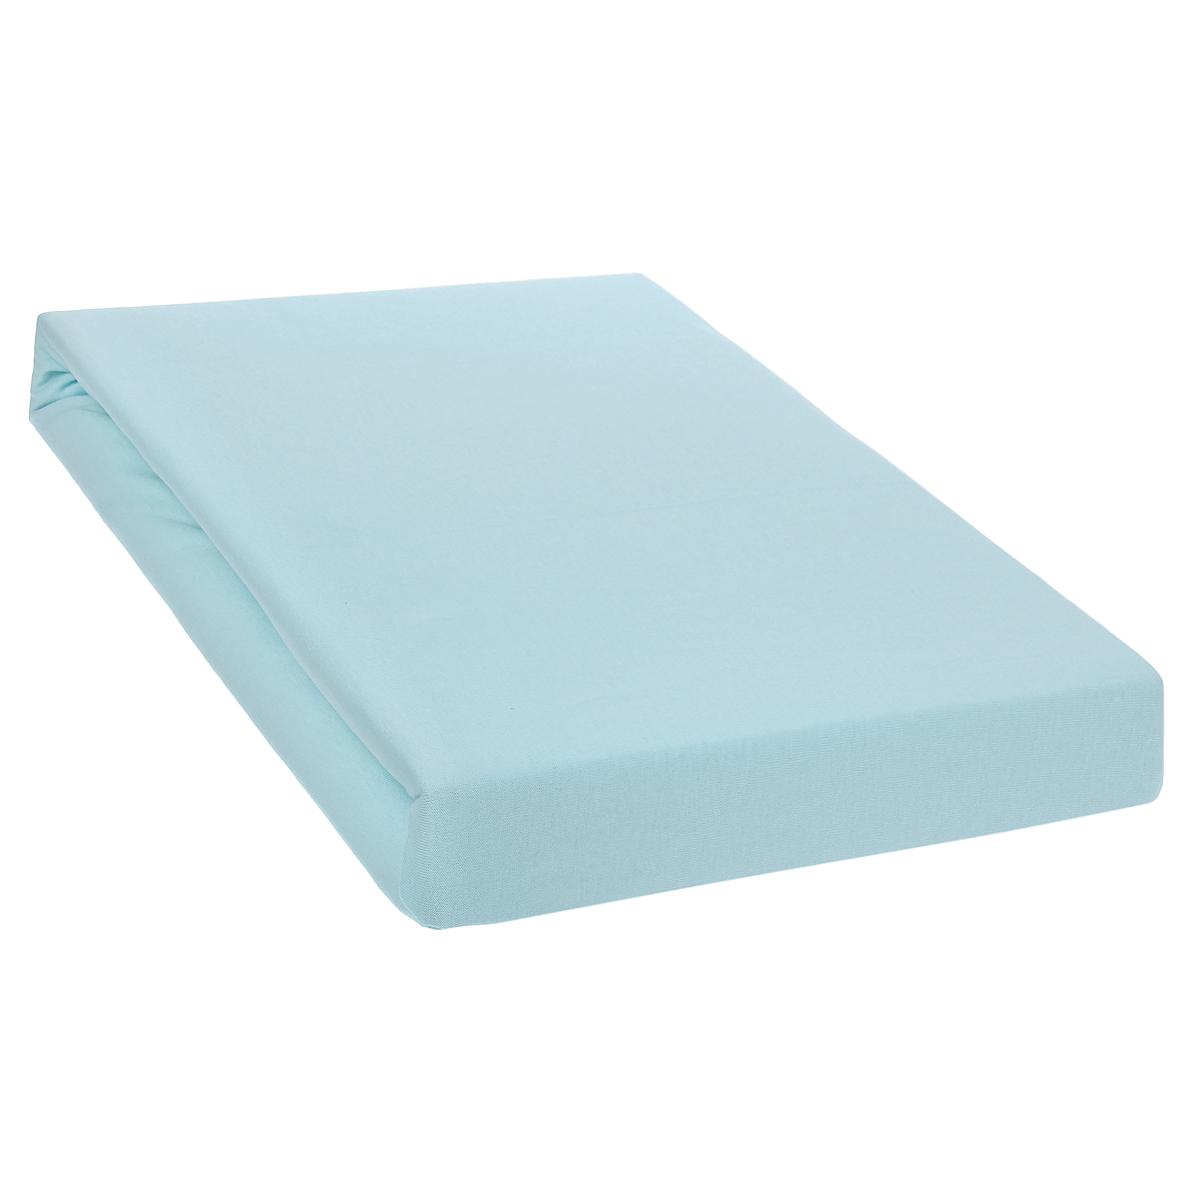 Простыня на резинке Tete-a-Tete, цвет: роса, 200 см х 200 смТ-ПР-3019Однотонная простыня на резинке Tete-a-Tete выполнена из натурального хлопка. Высочайшее качество материала гарантирует безопасность не только взрослых, но и самых маленьких членов семьи. Простыня гармонично впишется в интерьер вашего дома и создаст атмосферу уюта и комфорта. Особенности коллекции Tete-a-Tete: - выдерживает более 100 стирок практически без изменения внешнего вида, - модные цвета и стойкие оттенки, - минимальная усадка, - надежные резинки и износостойкая ткань, - безупречное качество, - гиппоаллергенно. Коллекция Tete-a-Tete специально создана для практичных людей, которые ценят качество и долговечность вещей, окружают своих близких теплотой и заботой.